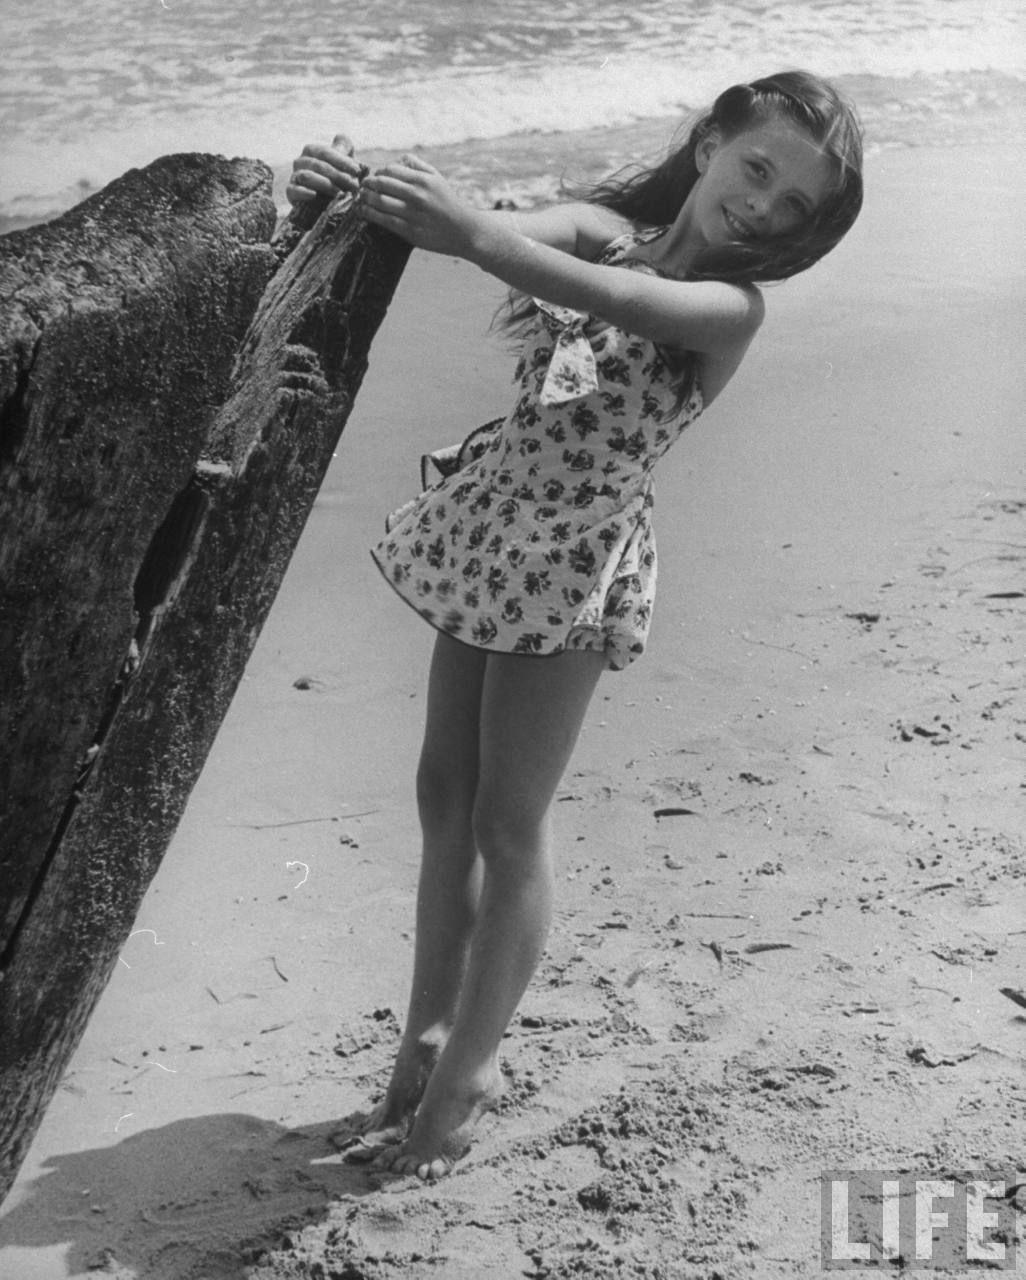 Child Actress Margaret O Brien 8 At The Beach 1945 Jan1 Celebrity Beaches Vintage Bikini Life Magazine Photos